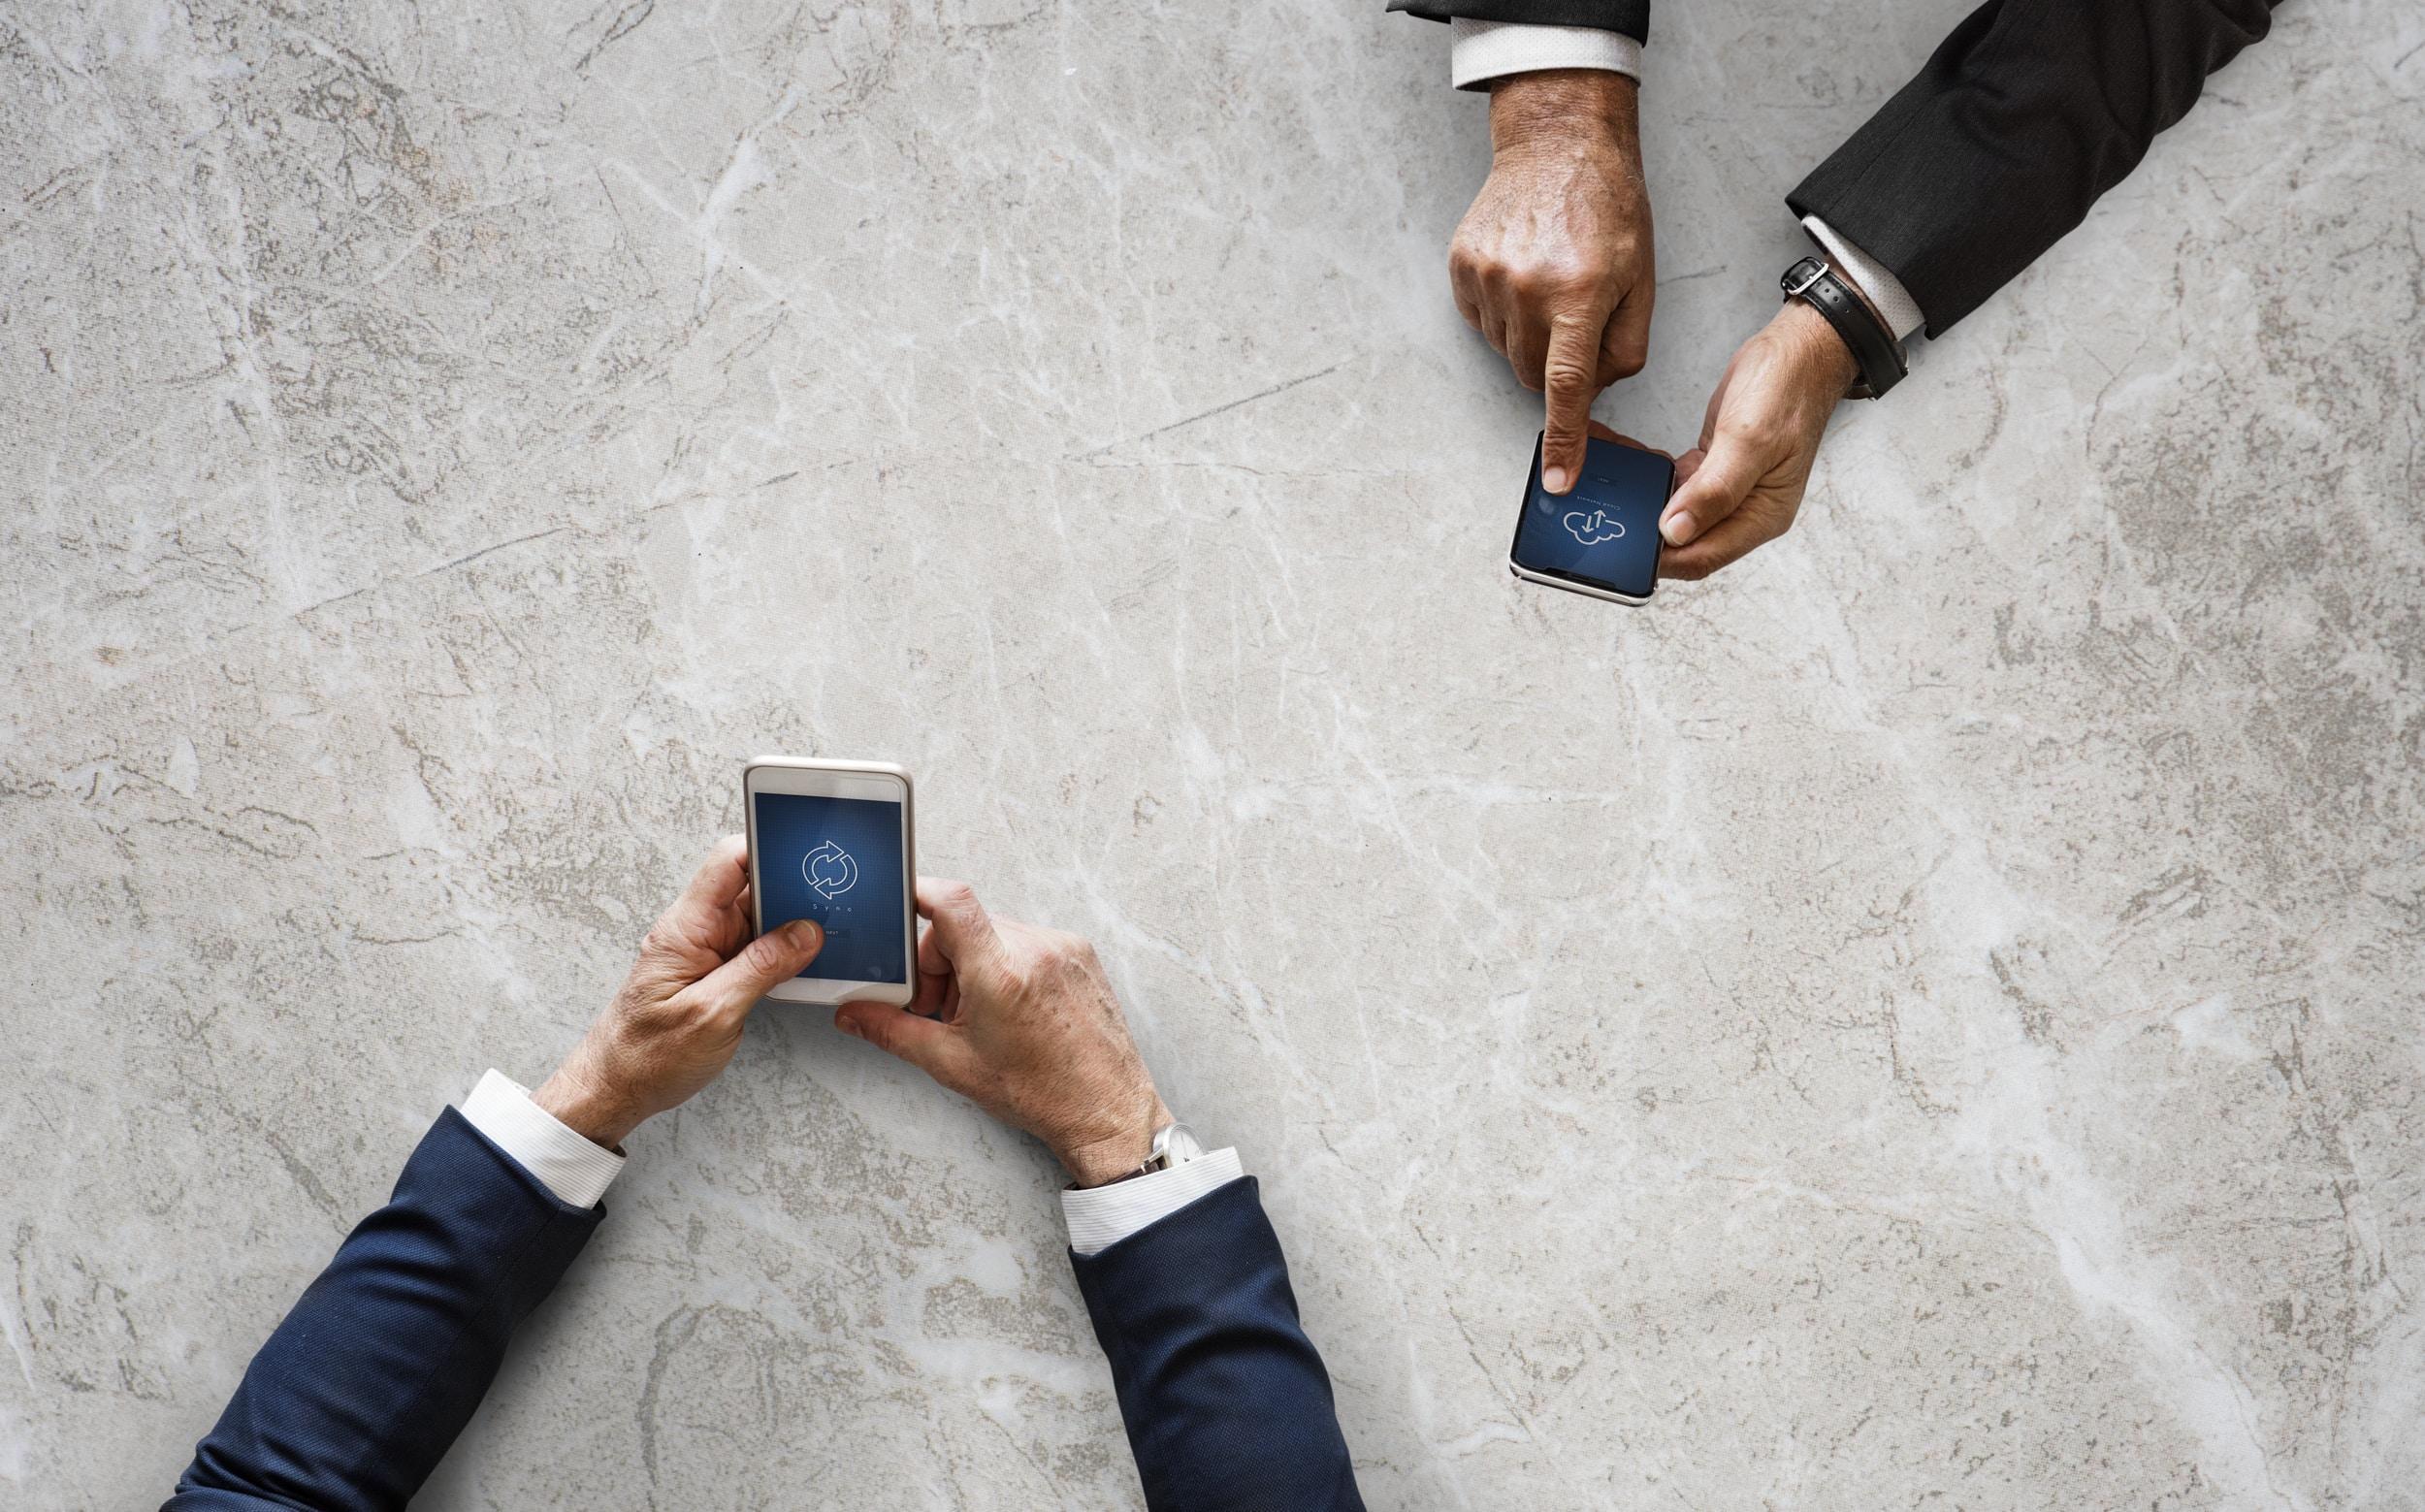 Comment Trouver de Nouveaux Clients grâce aux Publicités sur Facebook Messenger